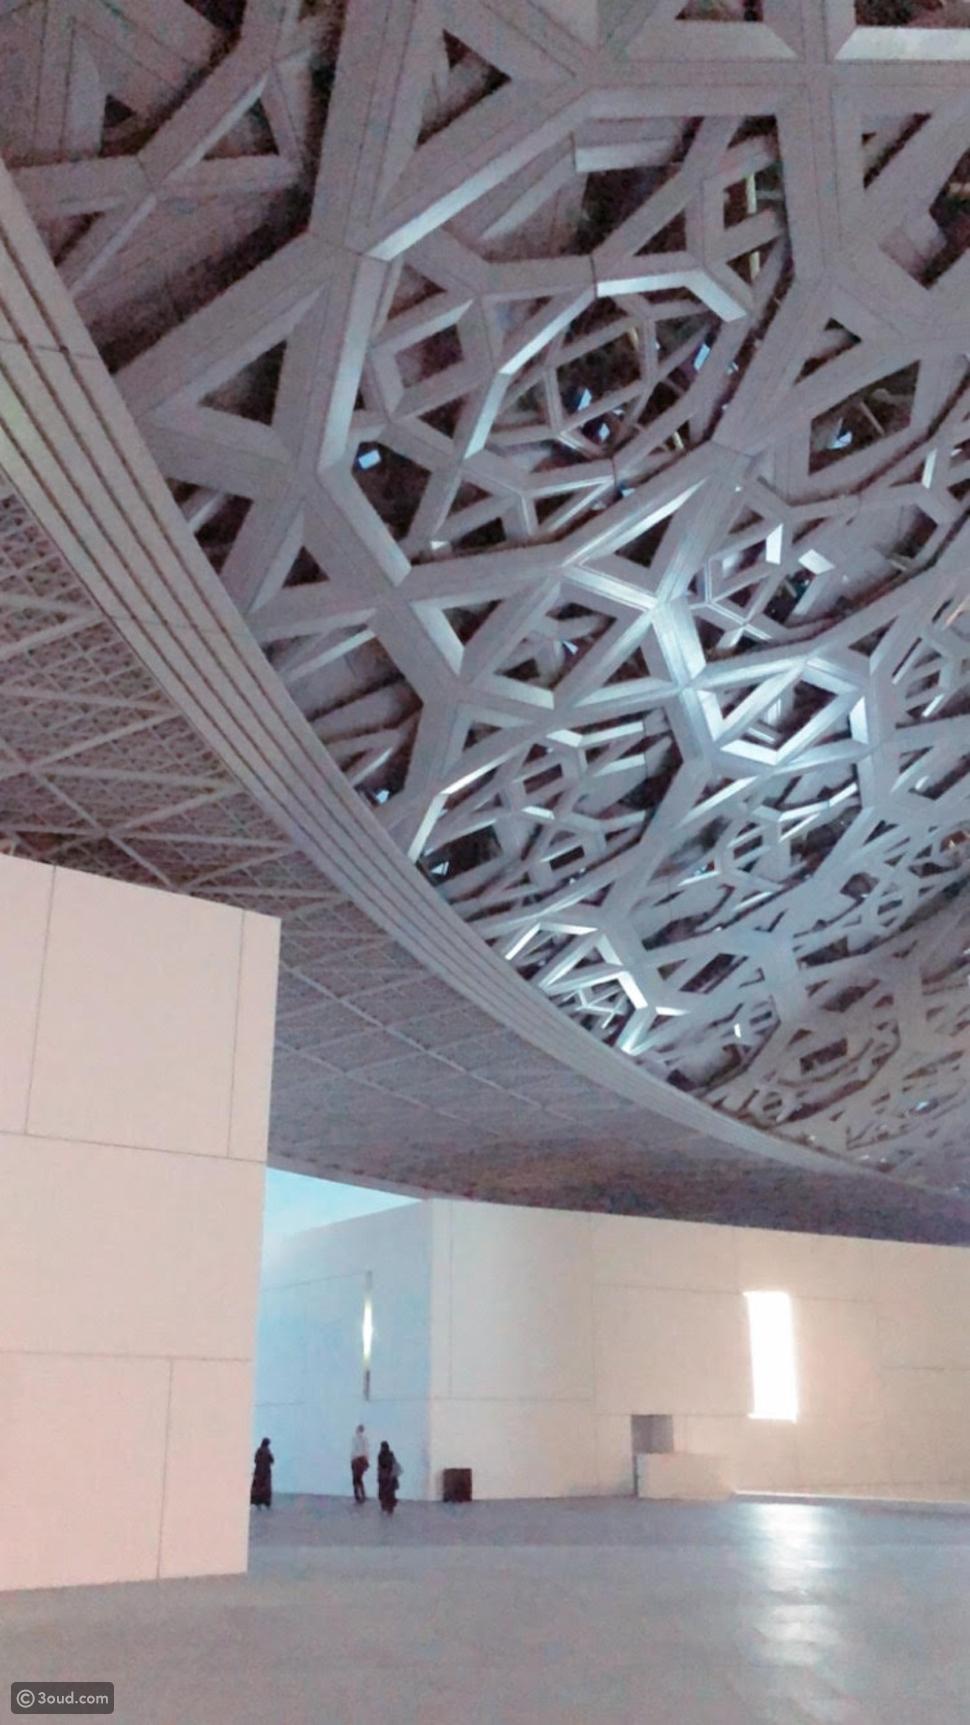 متحف اللوفر أبو ظبي...تحفة فنية لتجربة ثقافية متميزة